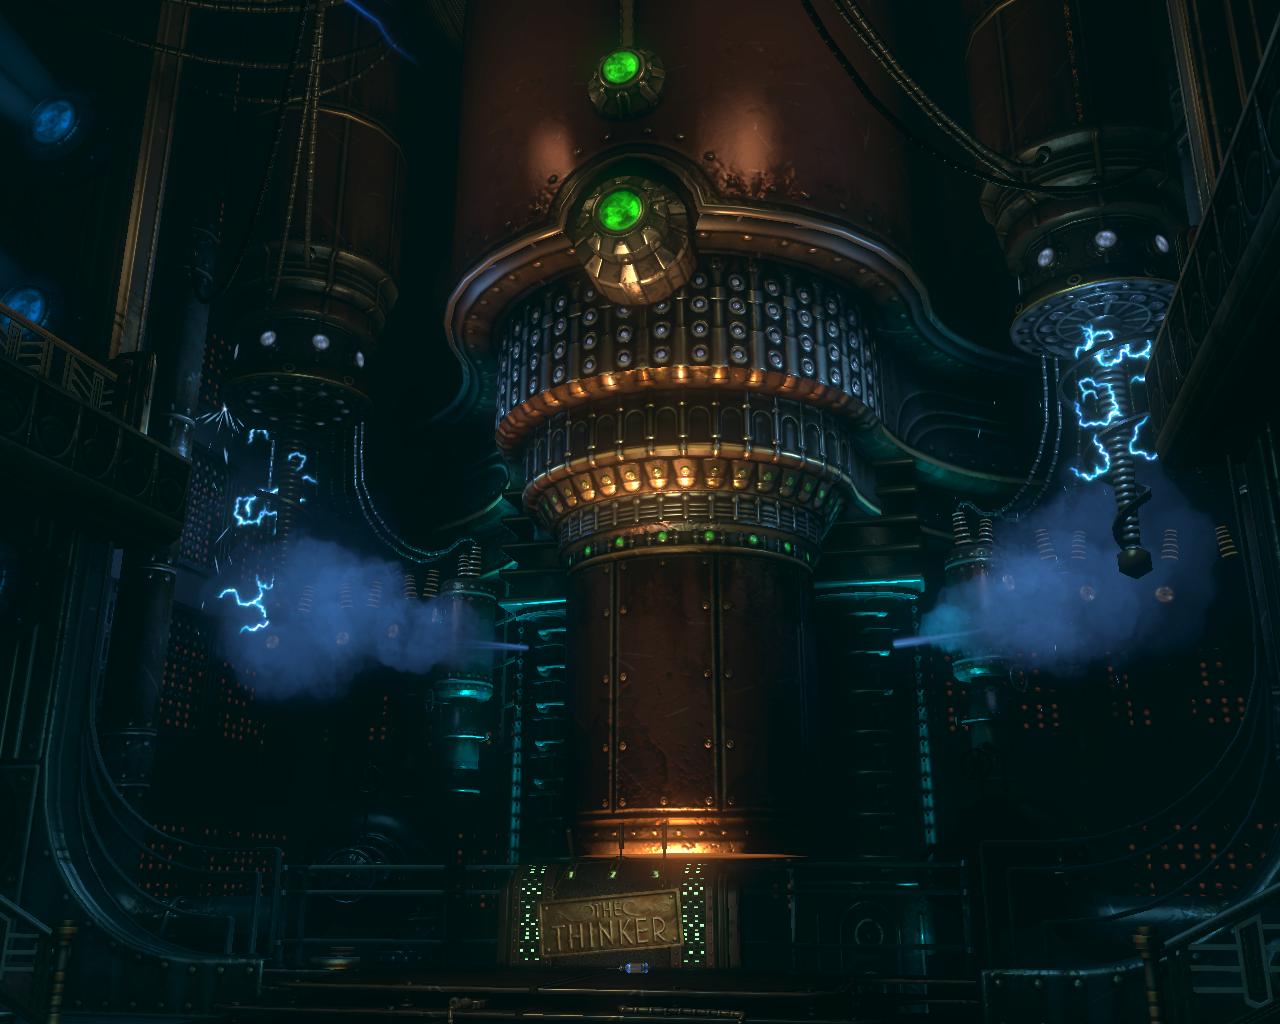 The Thinker Level Bioshock Wiki Fandom Powered By Wikia